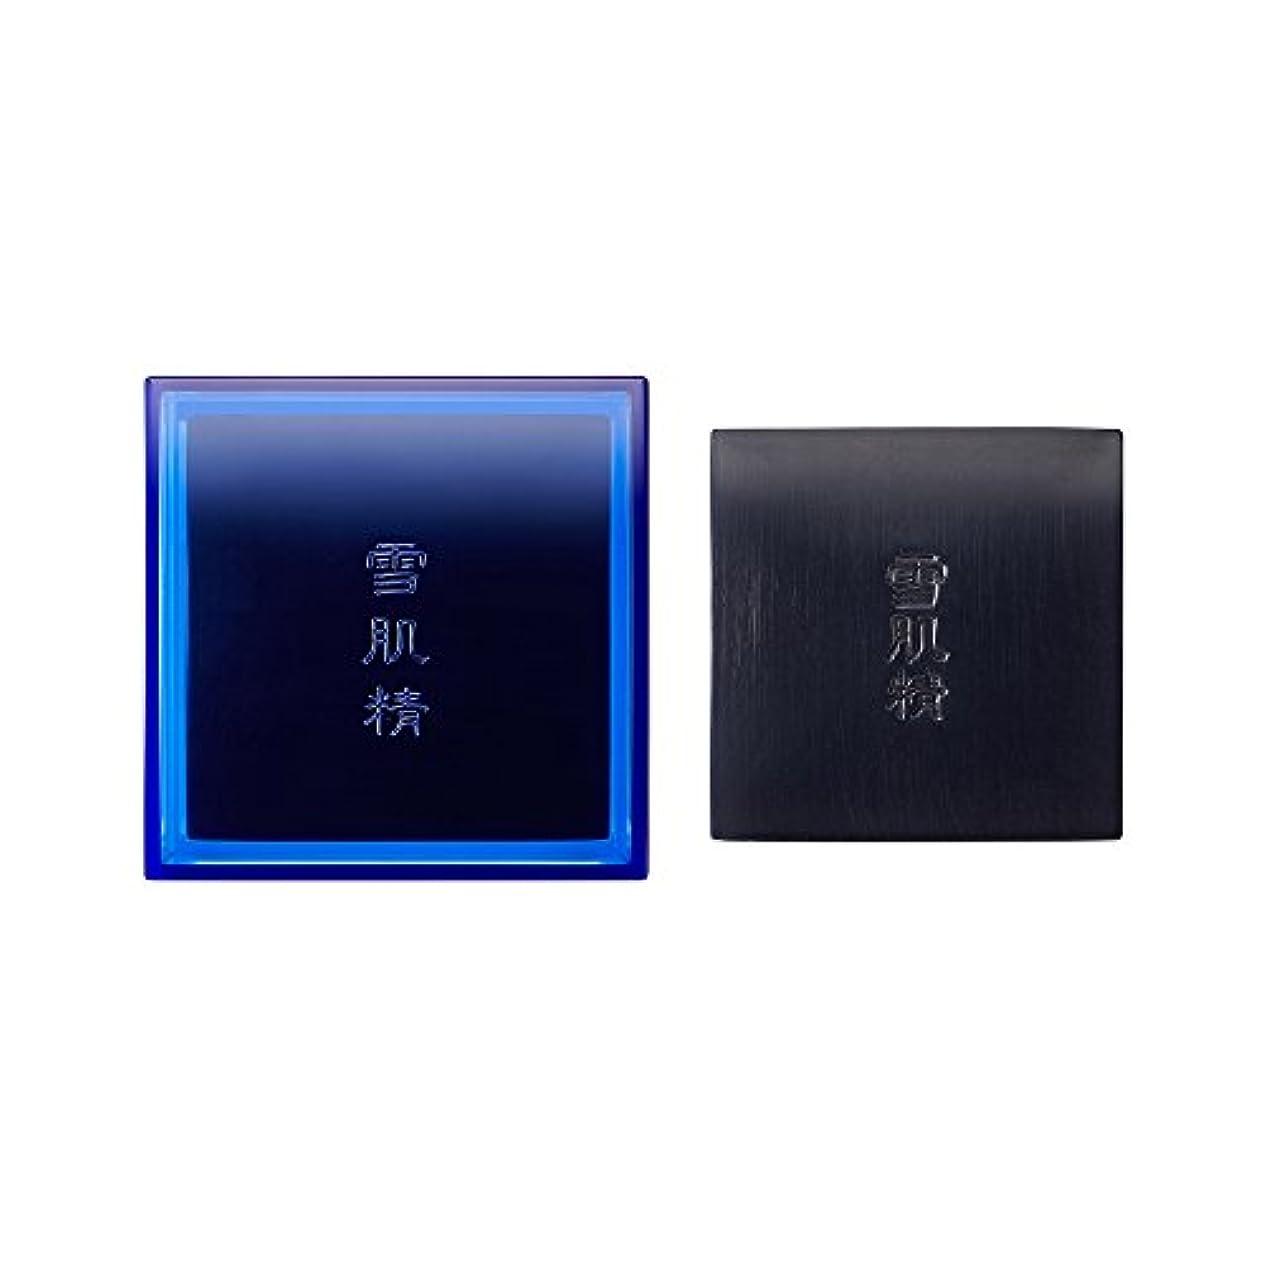 ゾーン乱雑な崩壊コーセー 清肌晶ソープ ケース付 120g/4.2oz